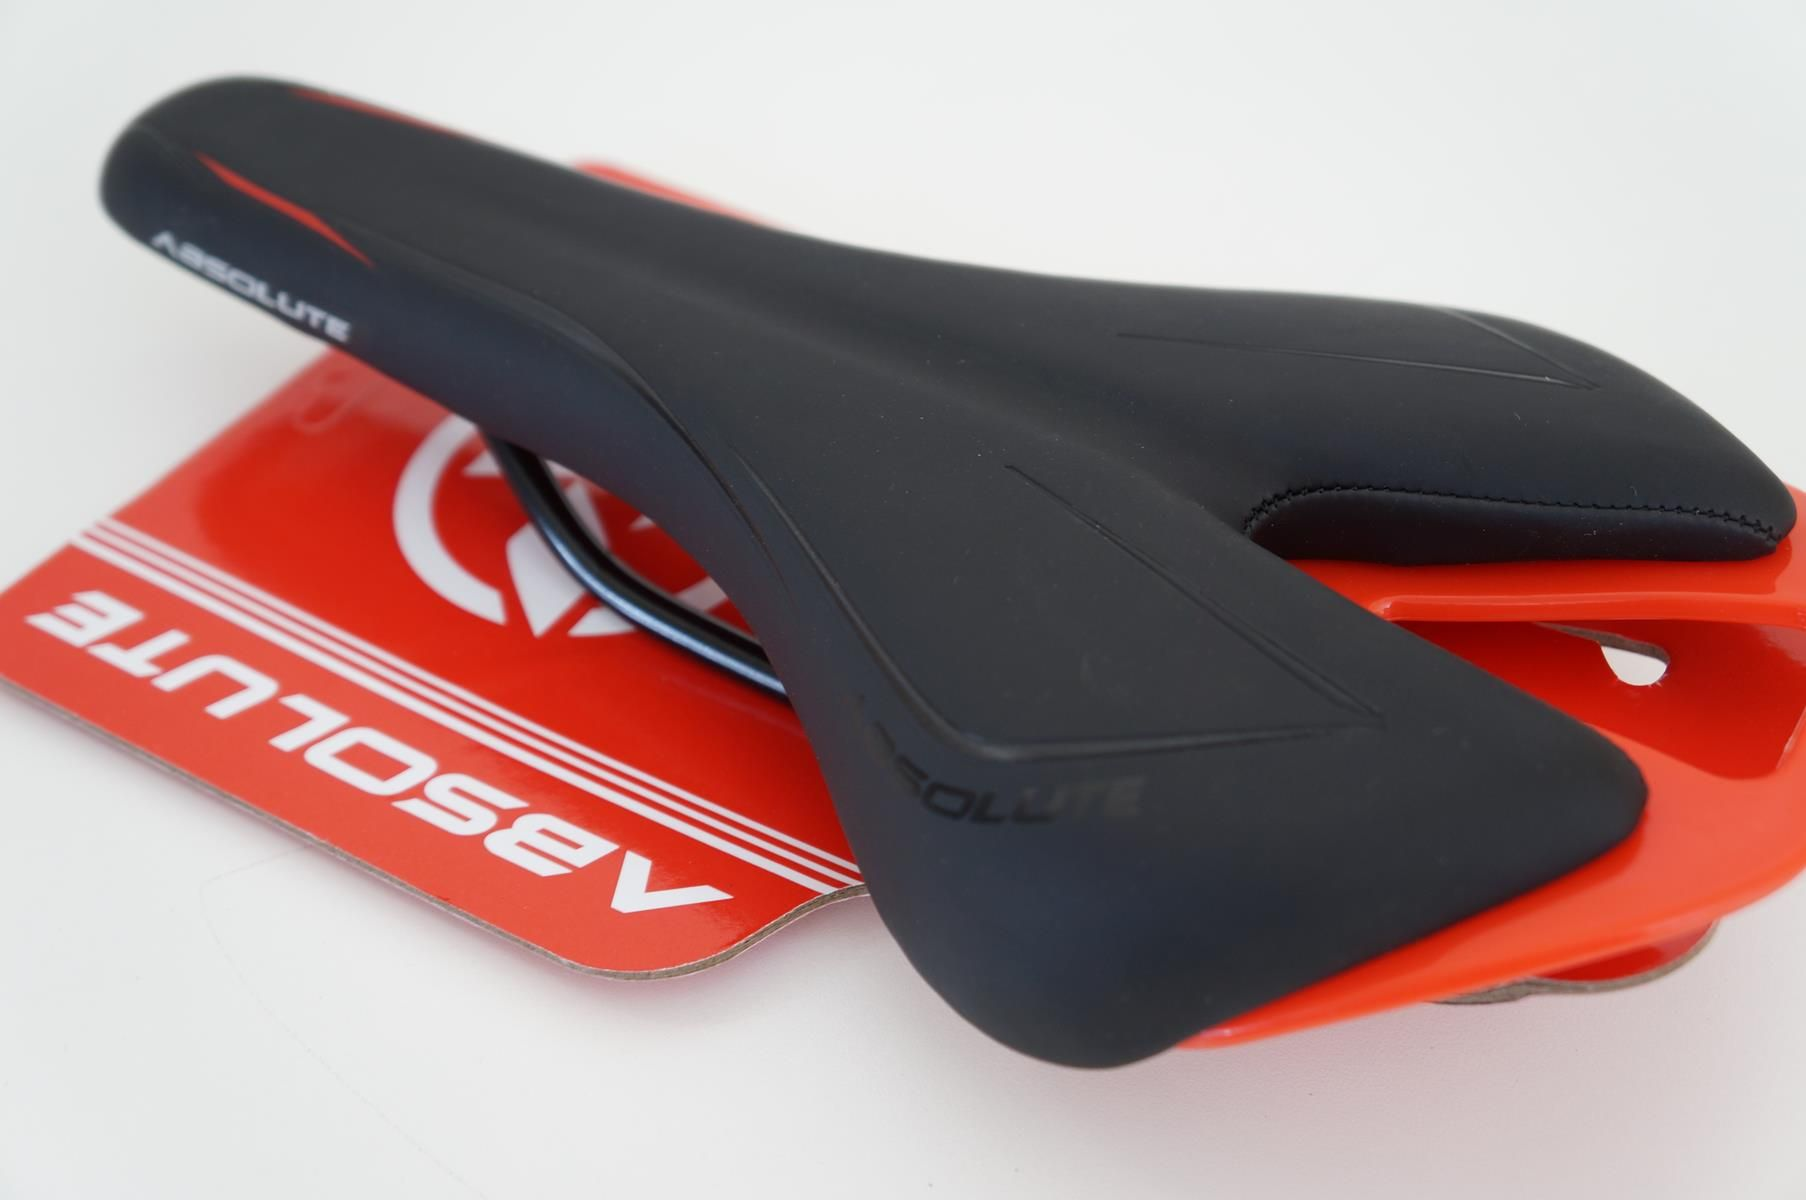 Selim Bicicleta Absolute Speed Preto com Vermelho 140mm Largura